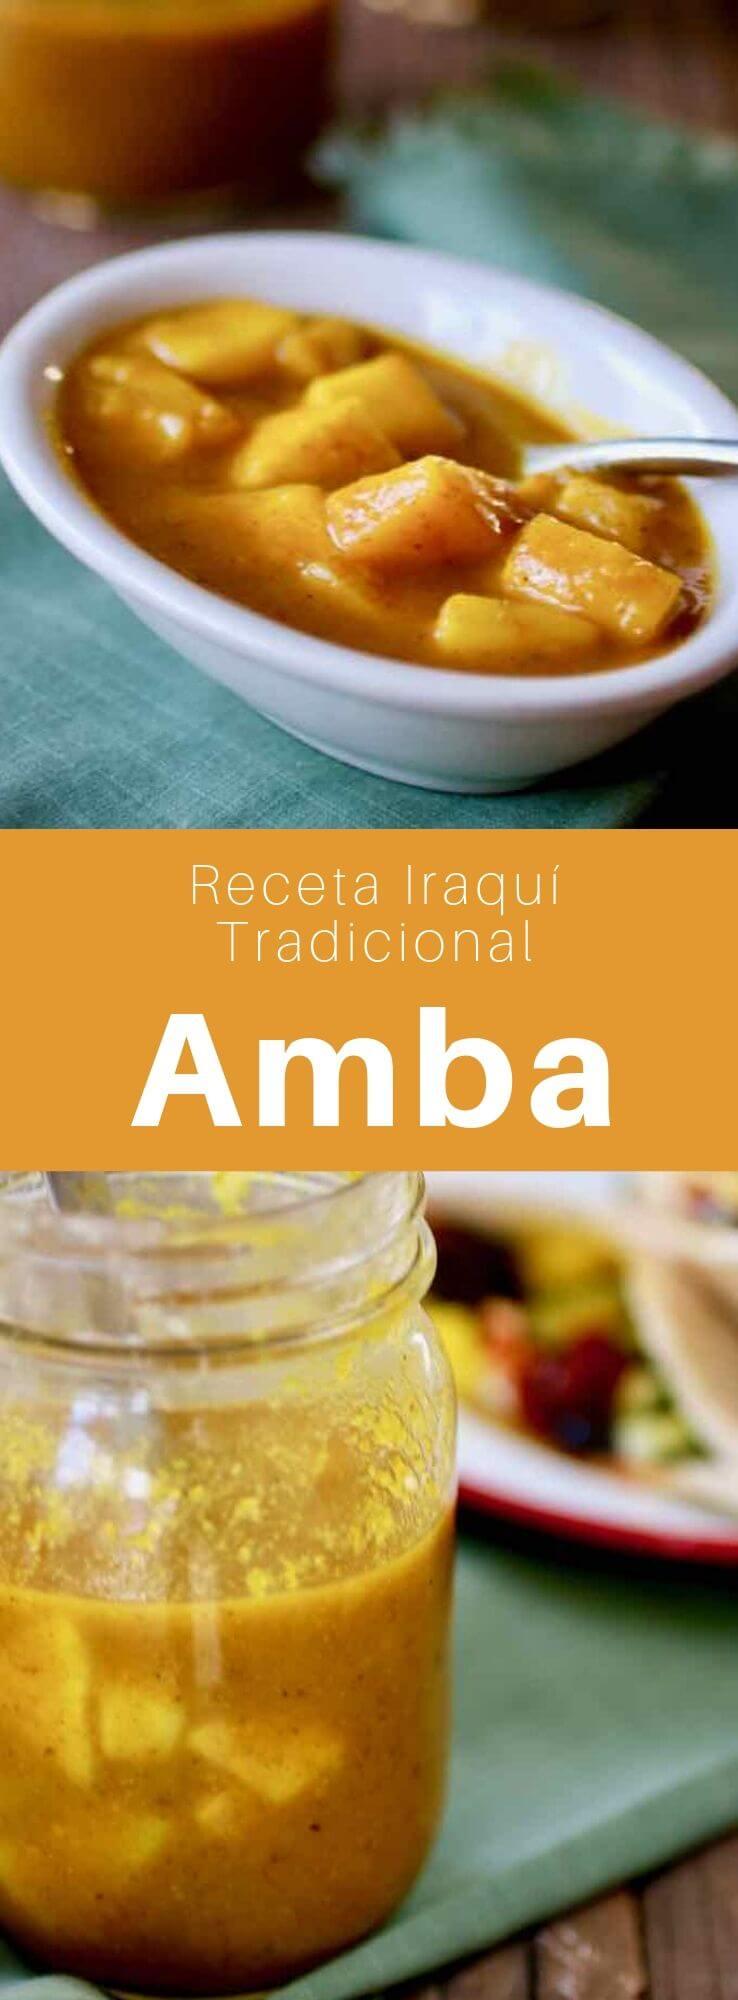 El amba es una salsa preparada con mango, vinagre y especias, que se usa como condimento en las cocinas iraquíes y del Medio Oriente.